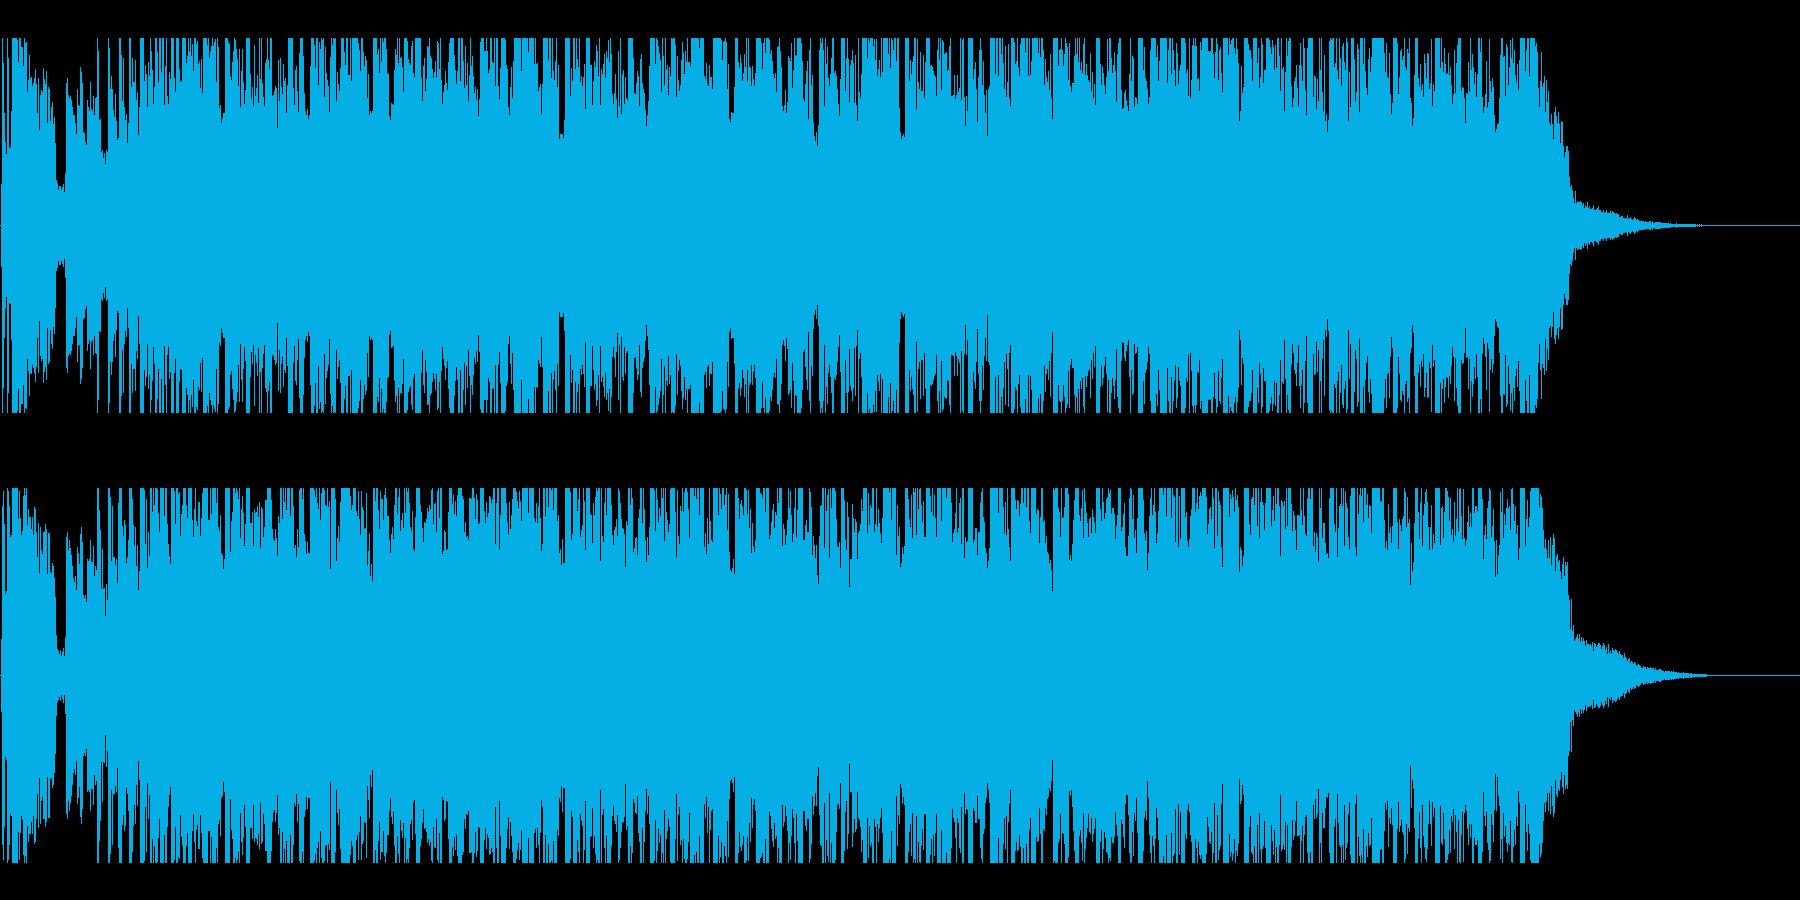 アイドル風の賑やかなロックインストの再生済みの波形